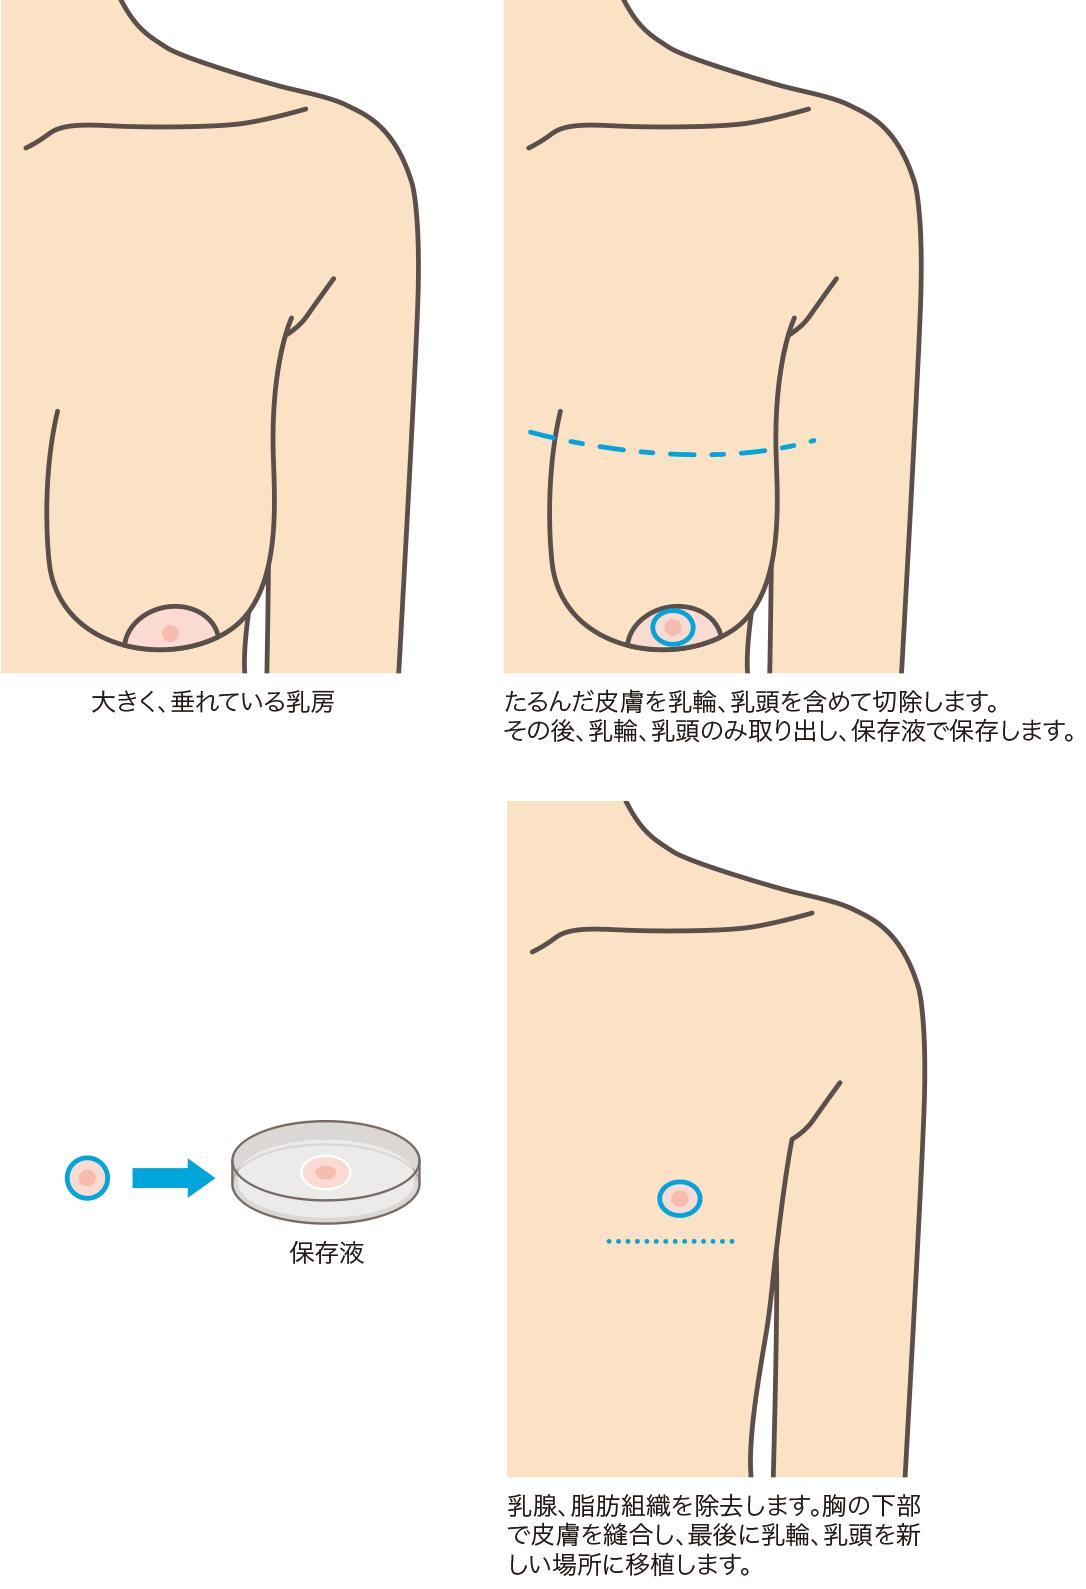 性転換 性器 静岡美容外科 橋本クリニックの乳輪乳頭移植こだわりポイント